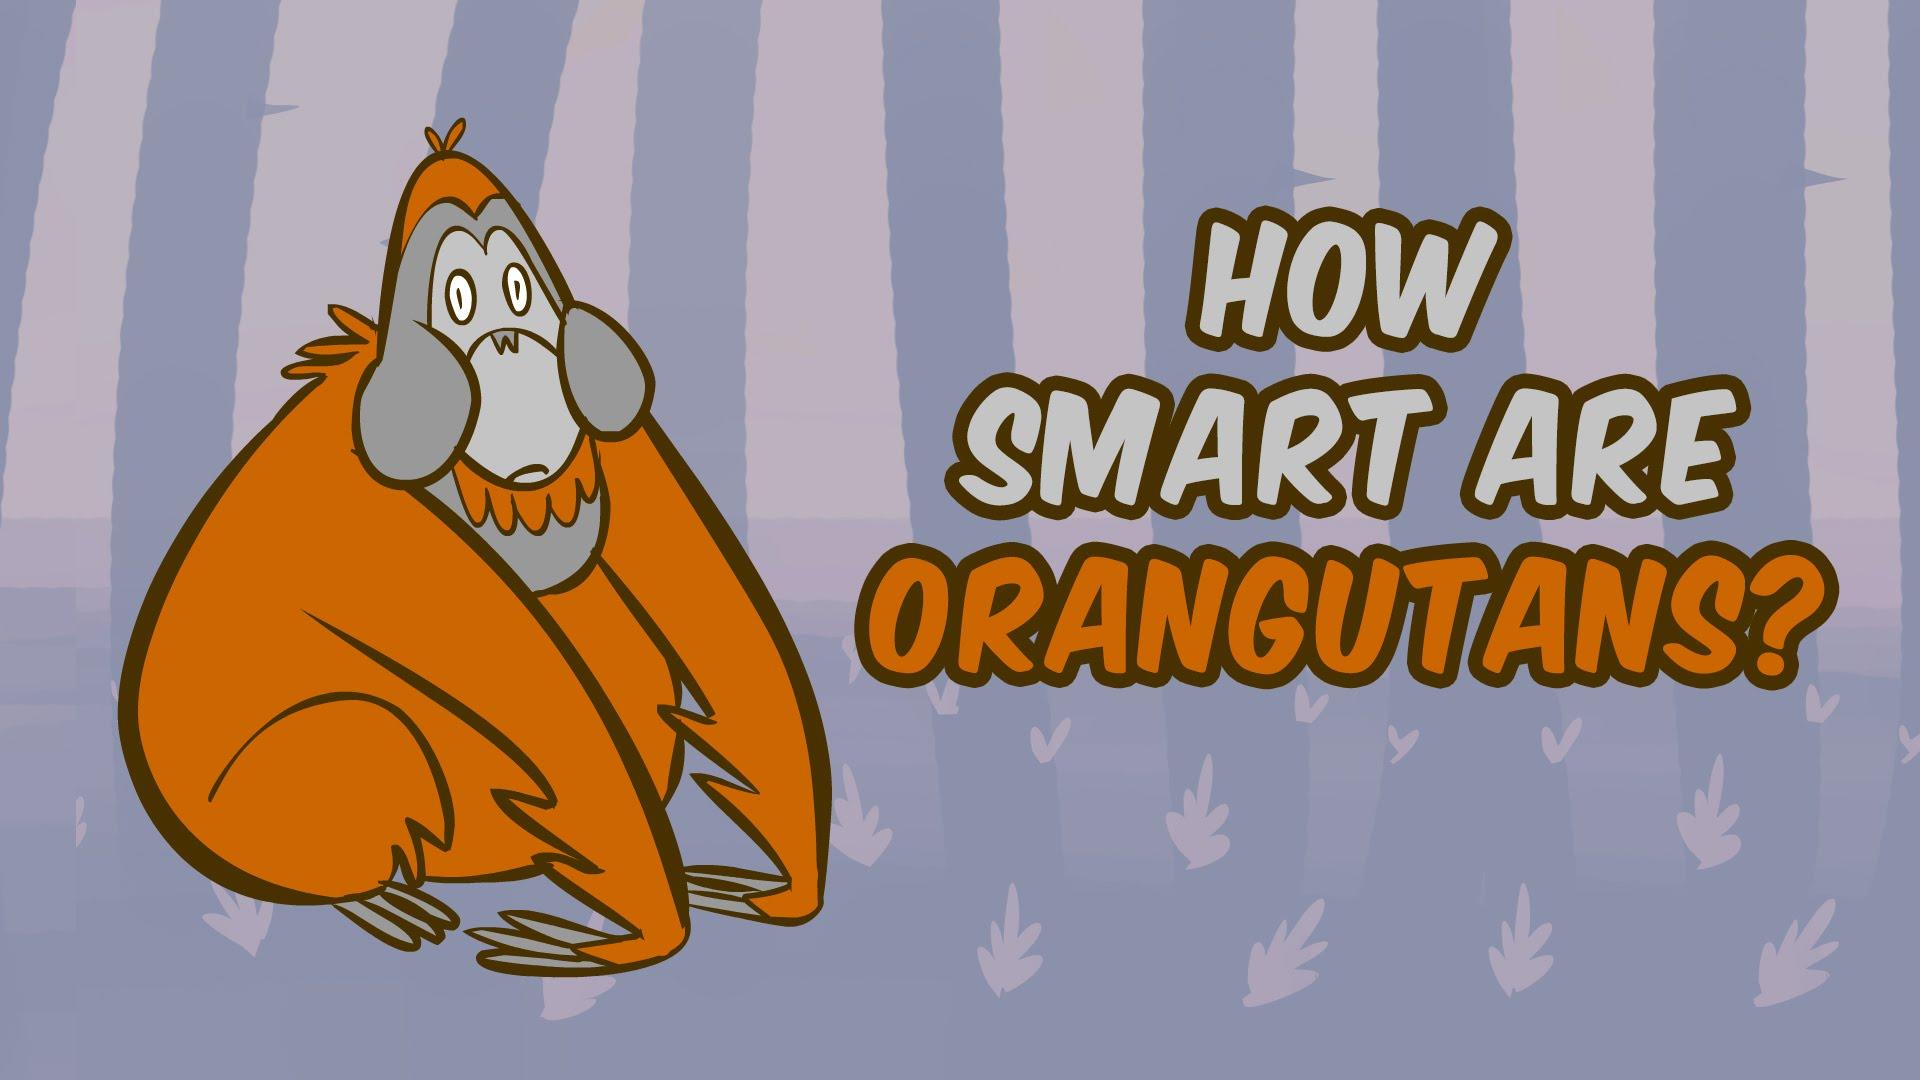 How smart are orangutans?